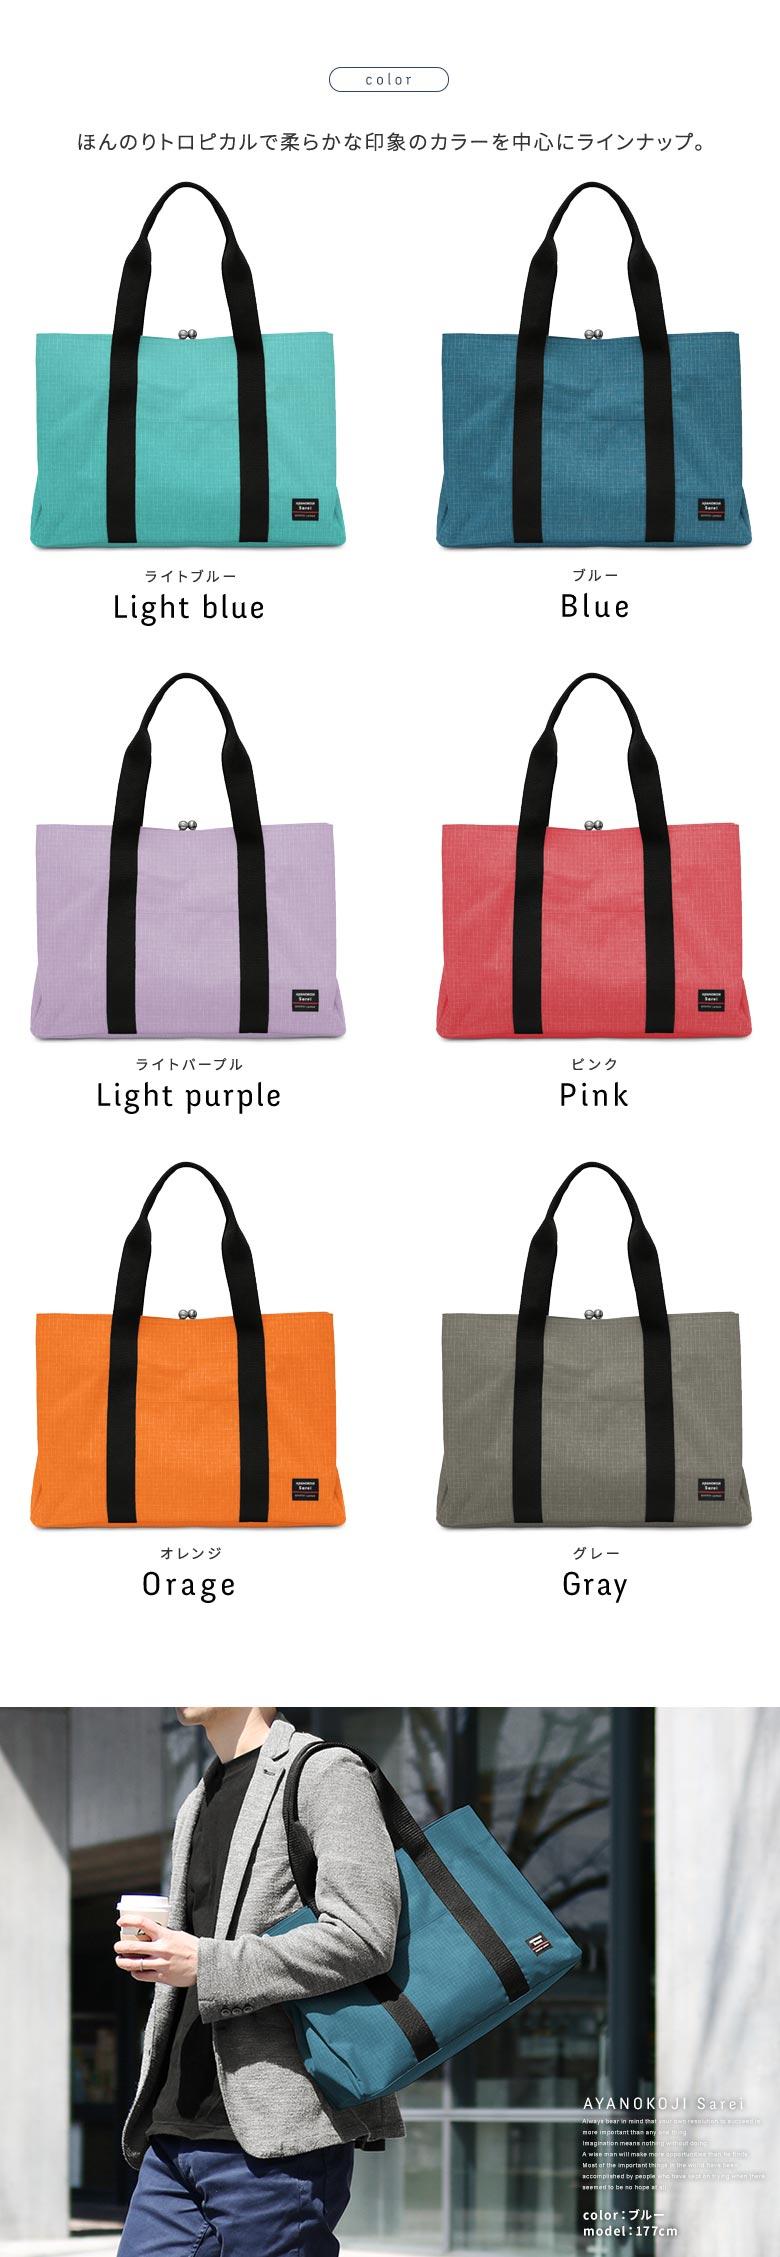 AYANOKOJI Sarei がま口スクエアトートバッグ(L) COLOR ほんのりトロピカルで柔らかな印象のカラーを中心にラインナップ。 Light blue(ライトブルー) Blue(ブルー) Light purple(ライトパープル) Pink(ピンク) Orage(オレンジ) Gray(グレー)